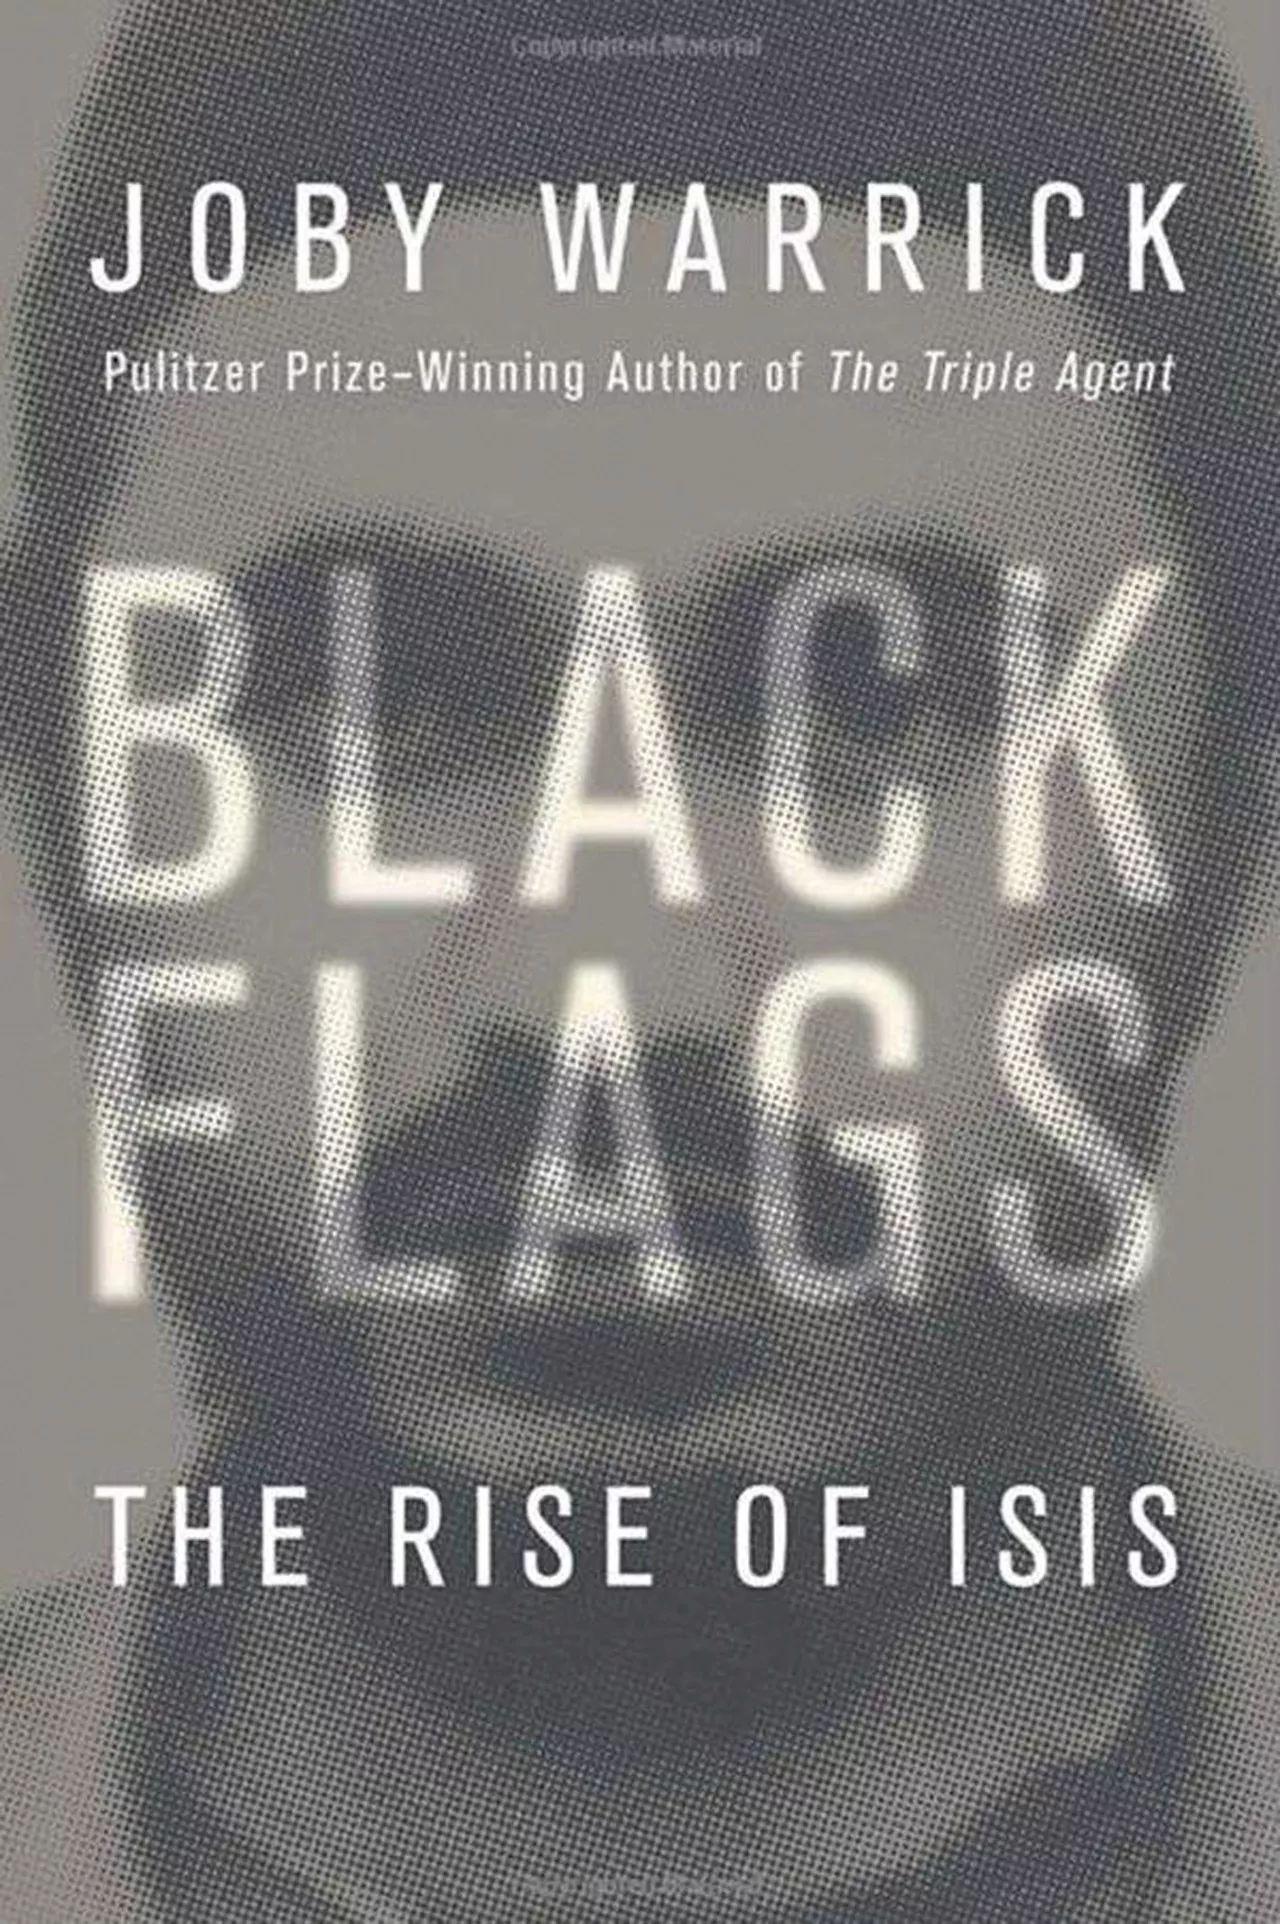 """""""伊斯兰国""""的 崛起、覆灭与未来——对话中东问题资深记者、普利策奖得主乔比•沃里克"""